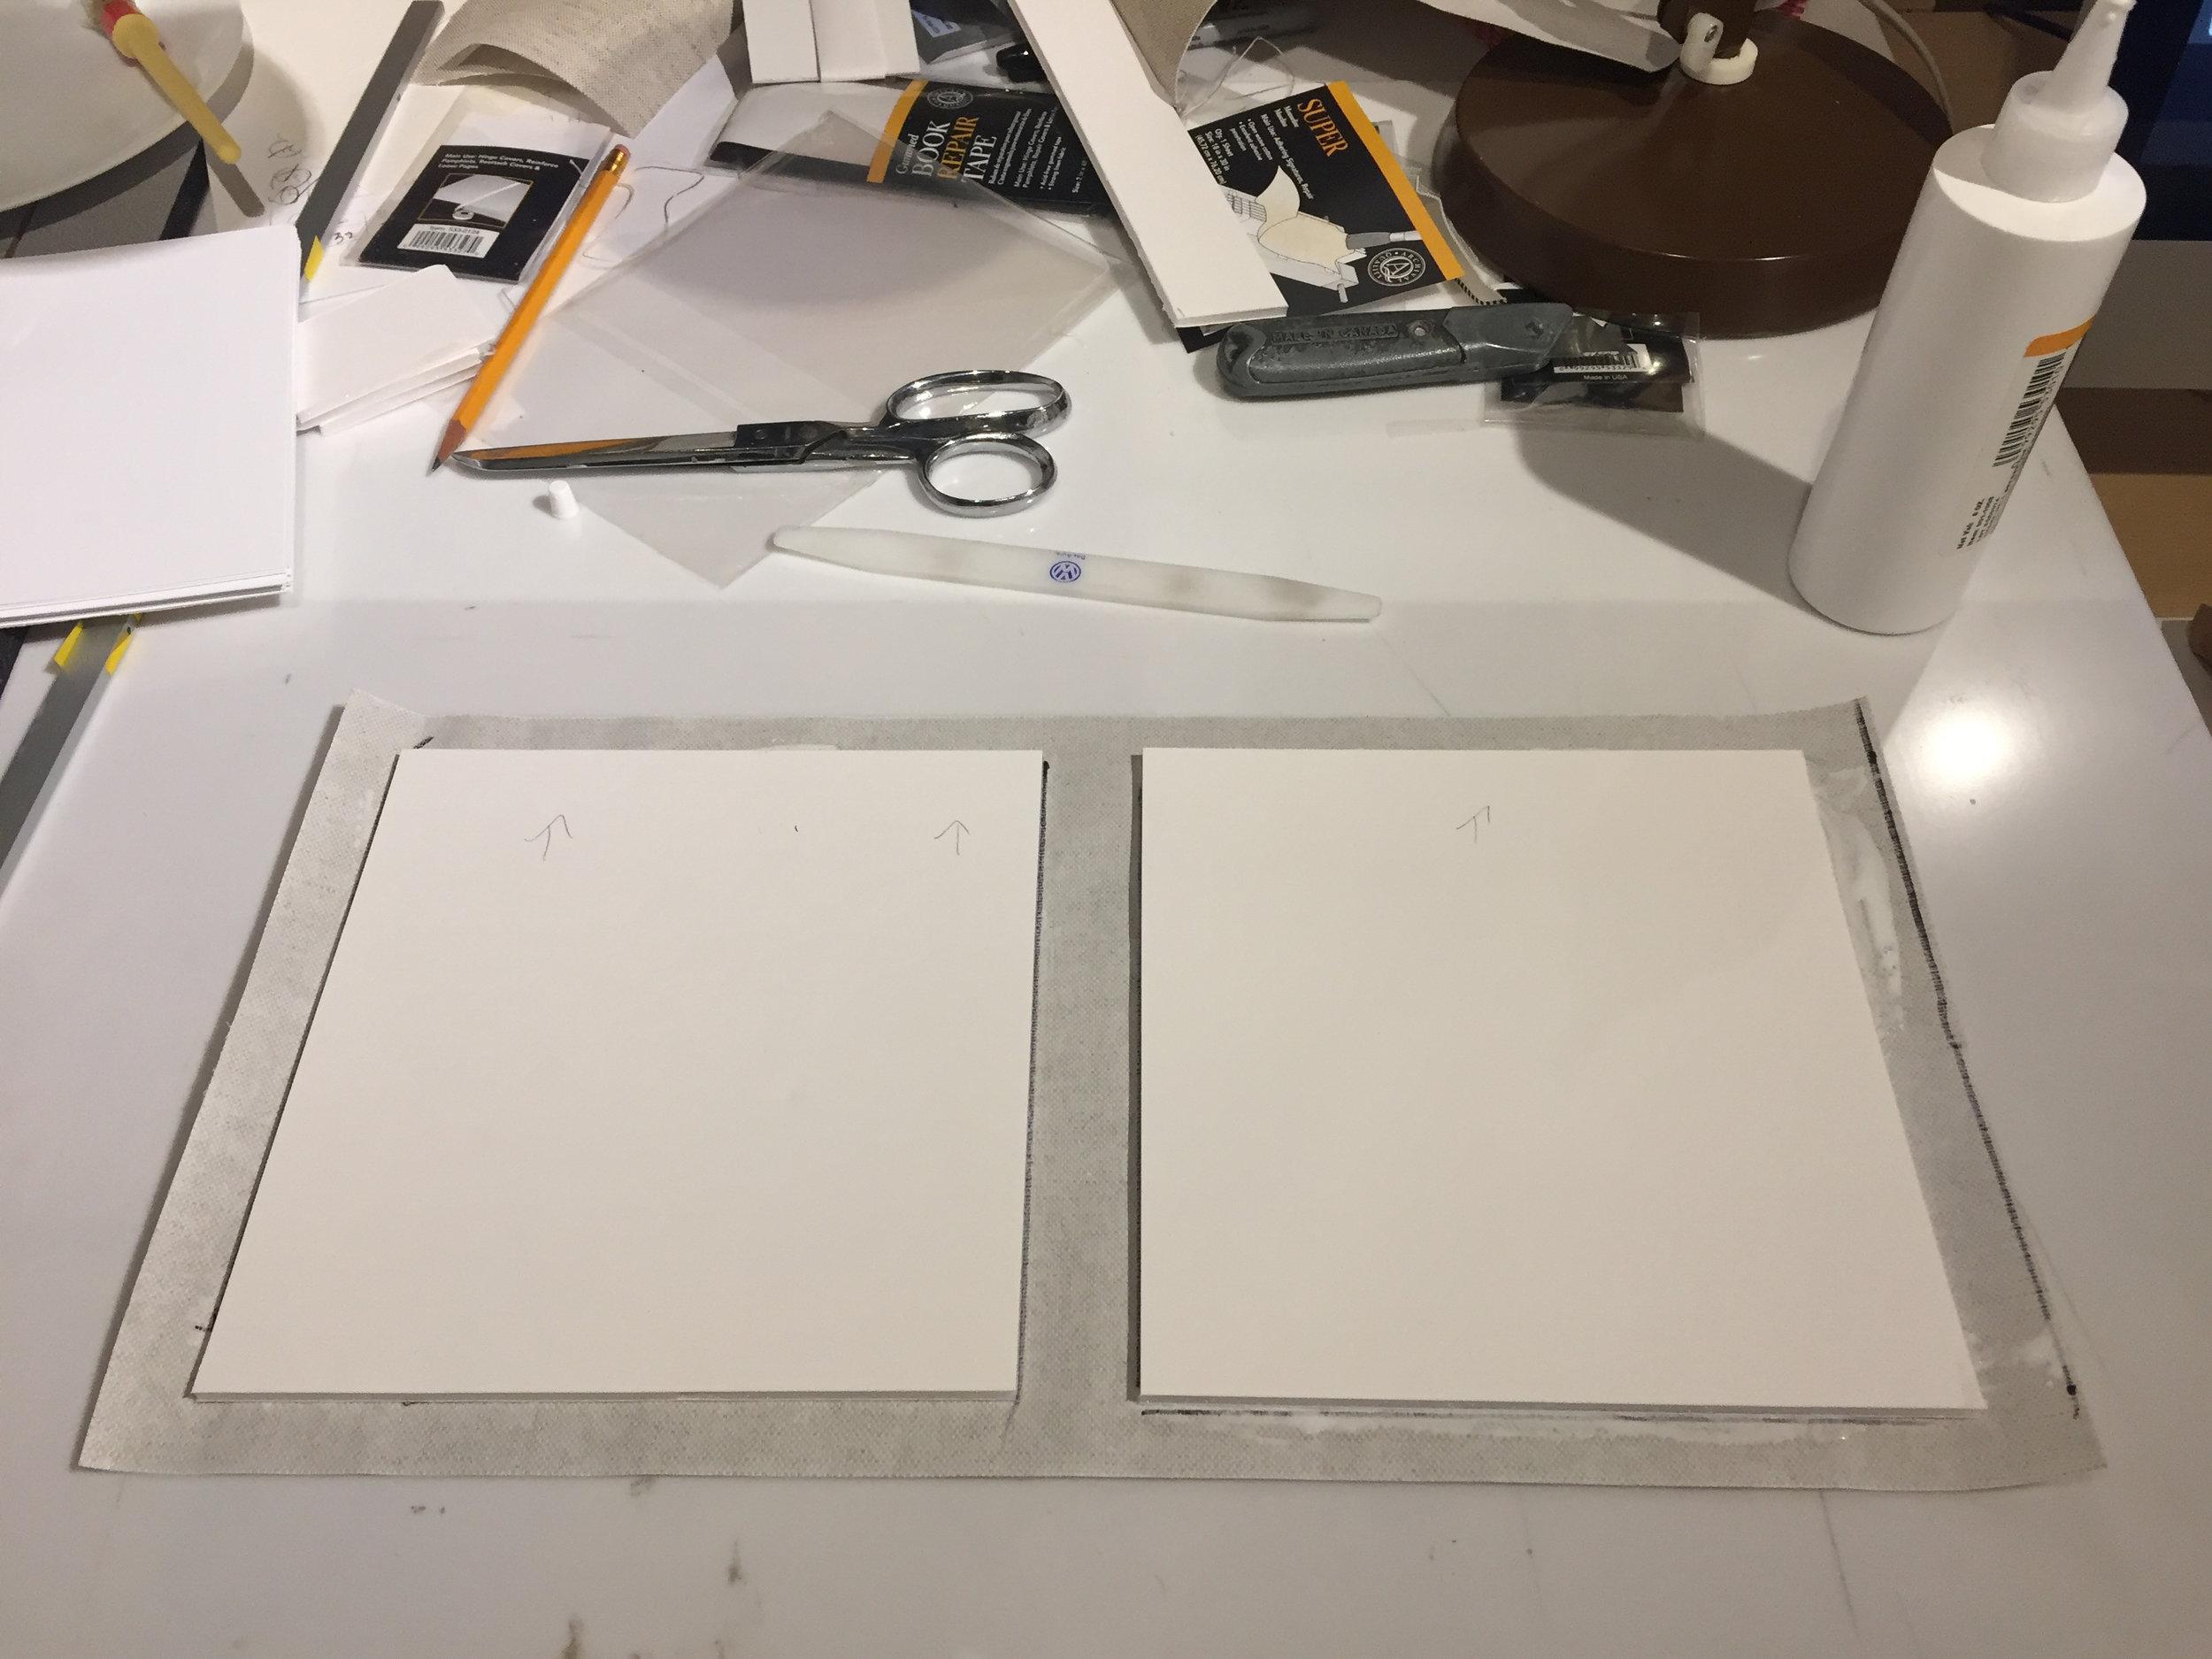 Glue the Book Board